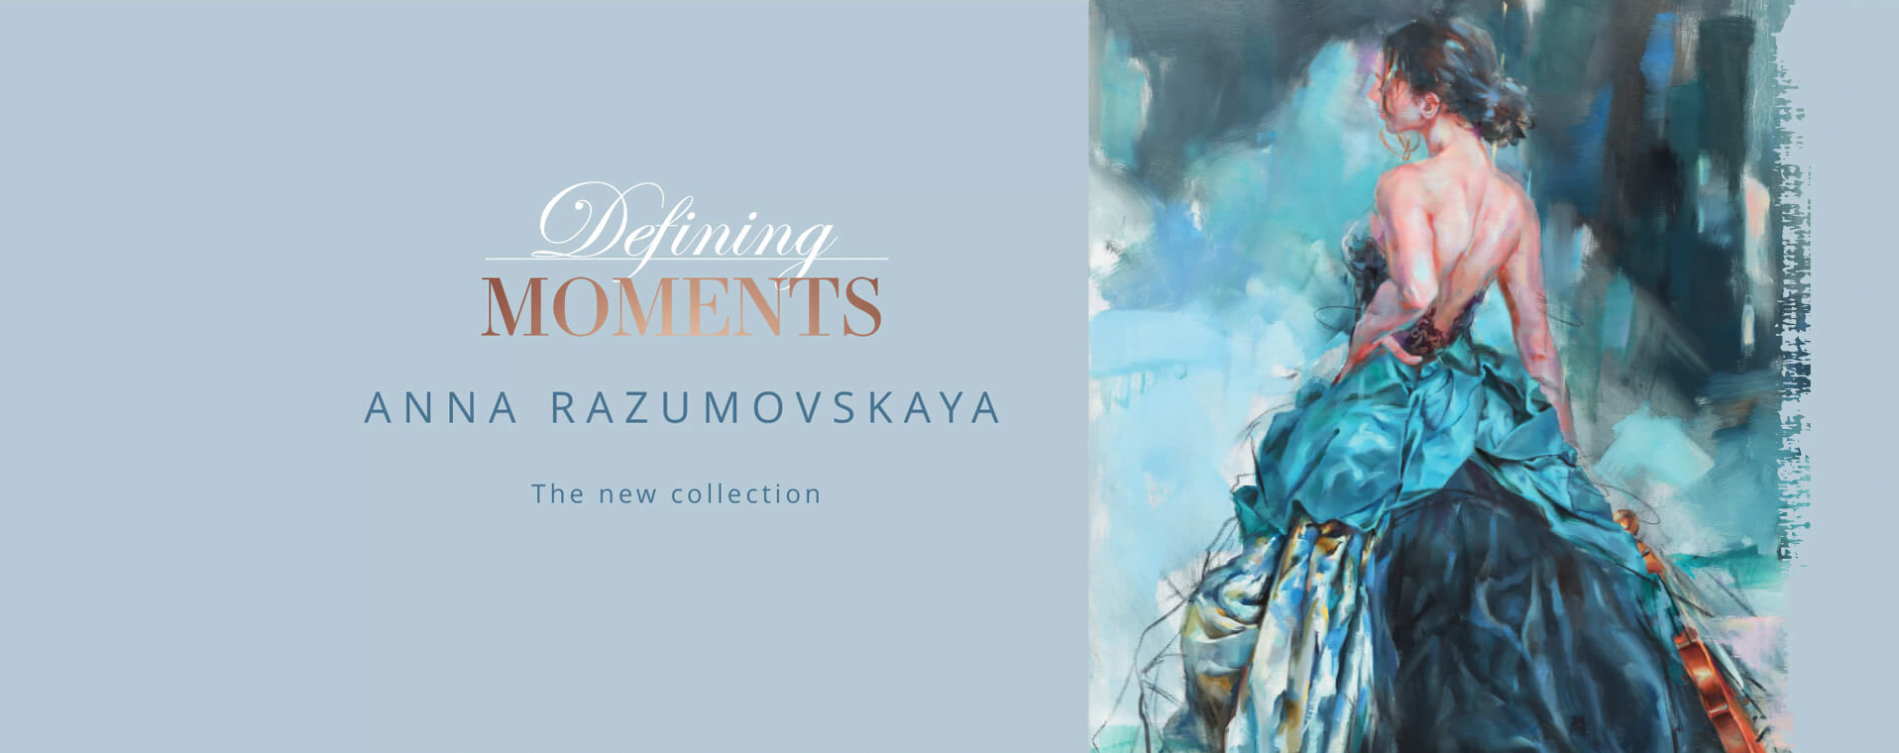 Anna Razumovskaya cover